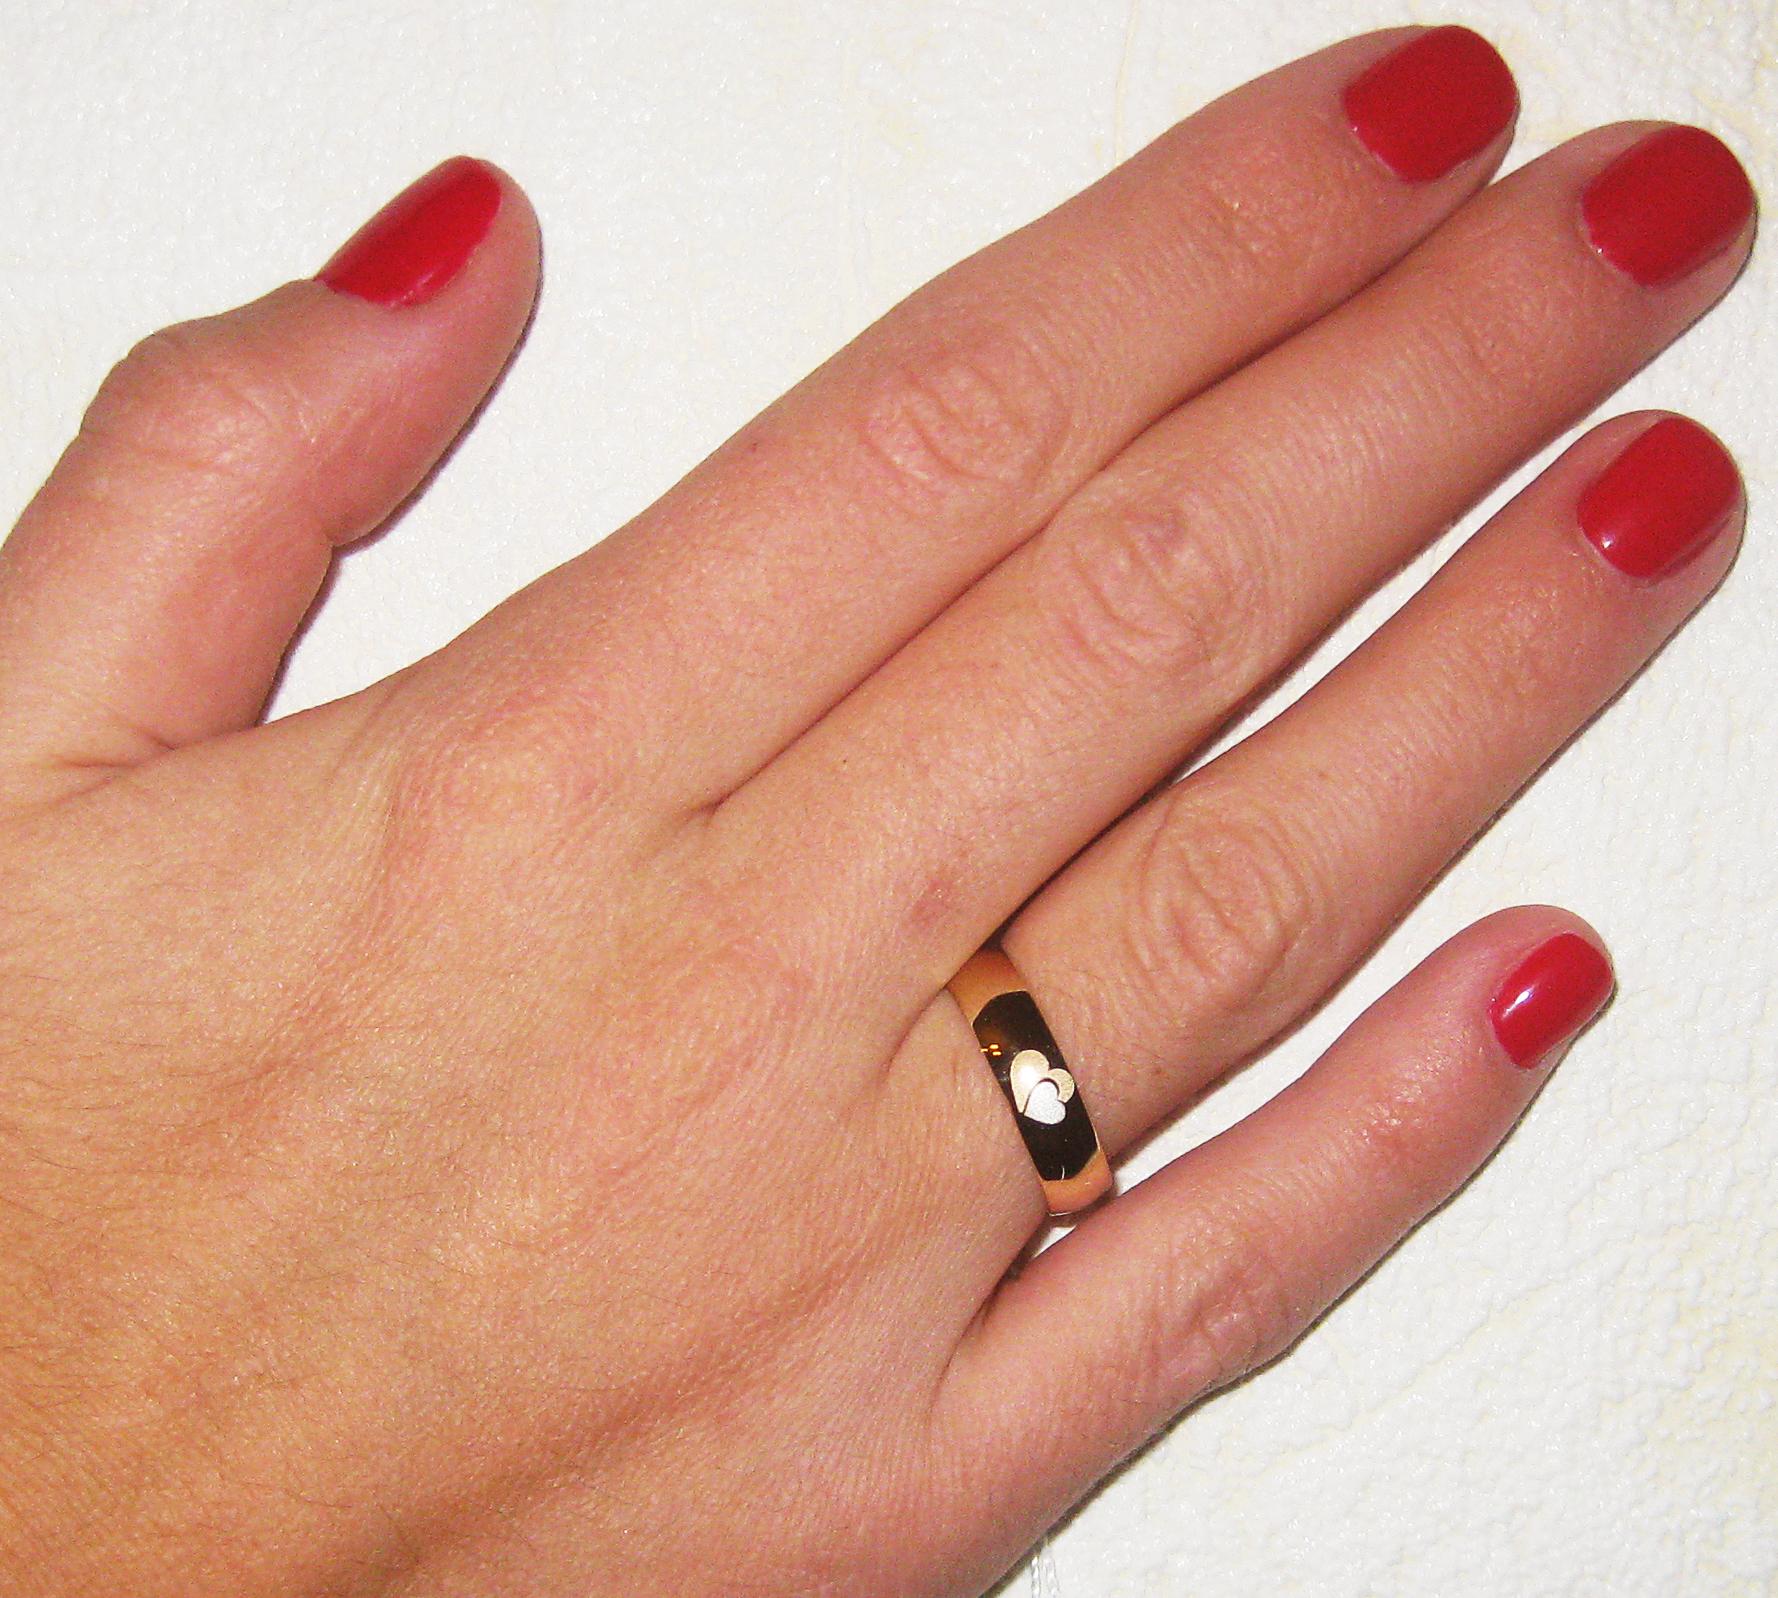 Кольцо обручальное с гравировкой Сердце, Ты и Я, желтое золото, ширина 4 мм